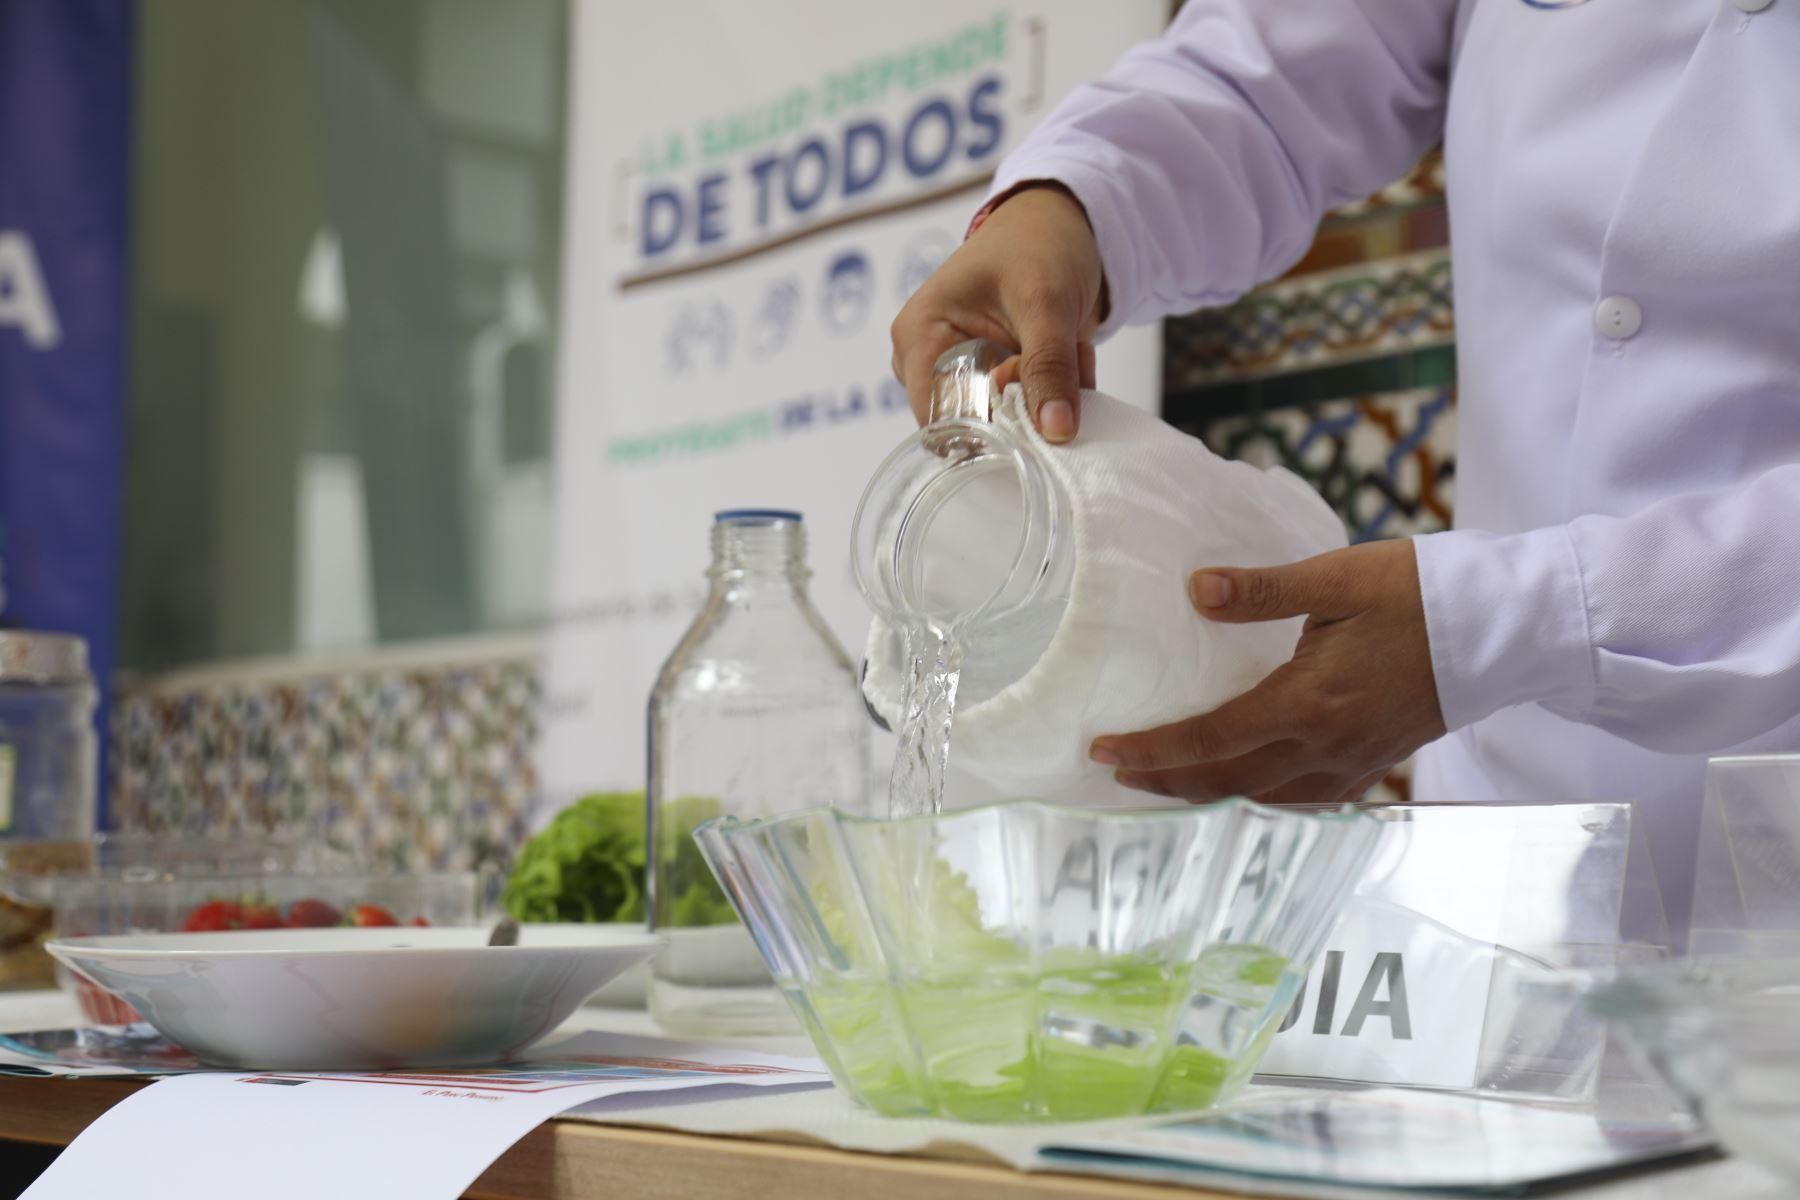 La bióloga del Laboratorio de Enteroparásitos del (INS), Kathia Tarqui, recomendó desinfectar los alimentos, realizar el correcto lavado de manos, especialmente después de usar los servicios higiénico, y desparasitarse por lo menos dos veces al año. Foto: Minsa